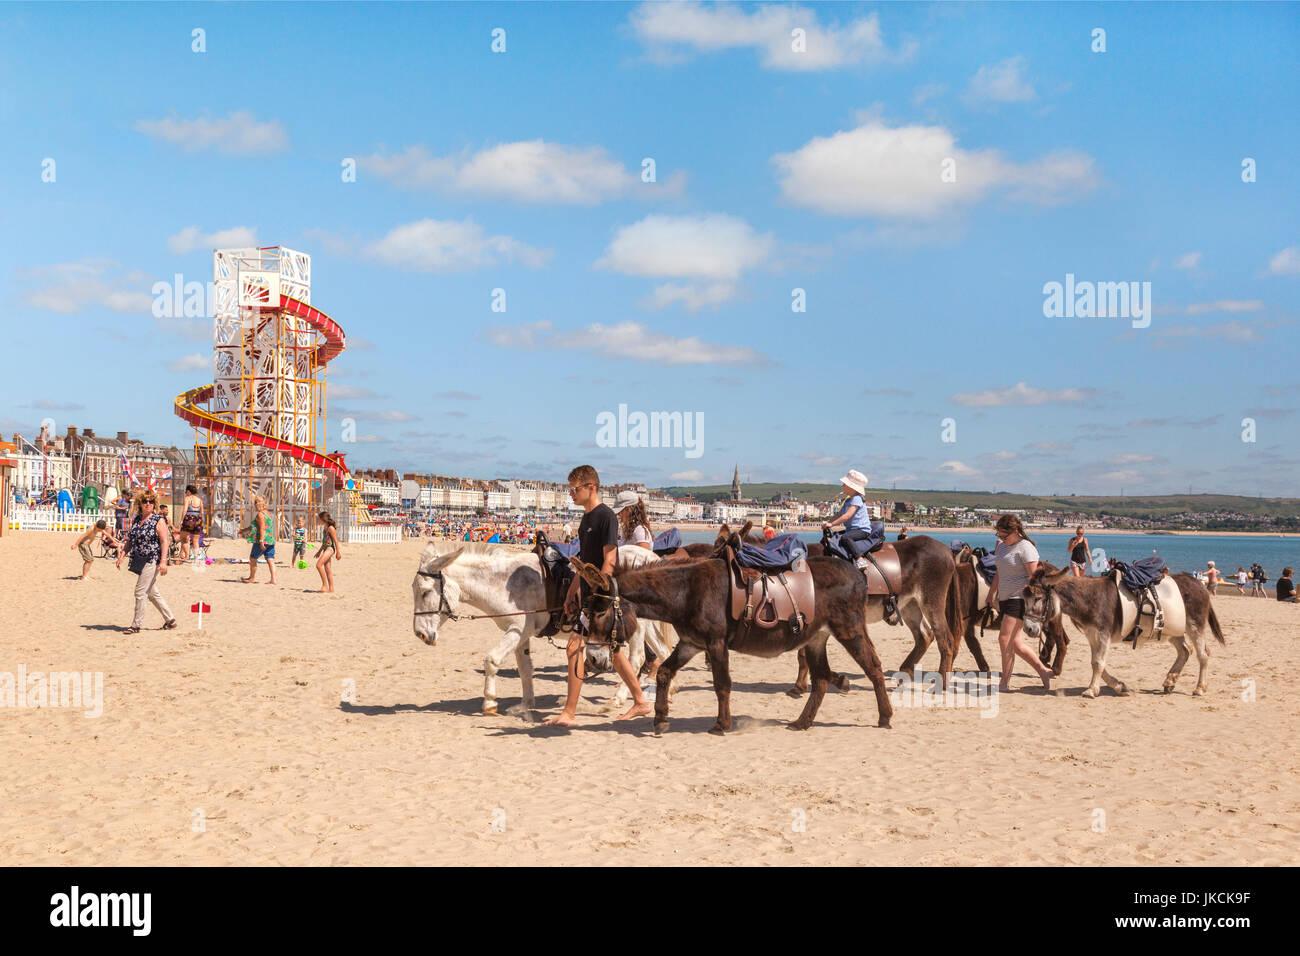 2 Luglio 2017: Weymouth Dorset, England, Regno Unito - asino passeggiate sulla spiaggia a Weymouth Dorset, Inghilterra, Immagini Stock